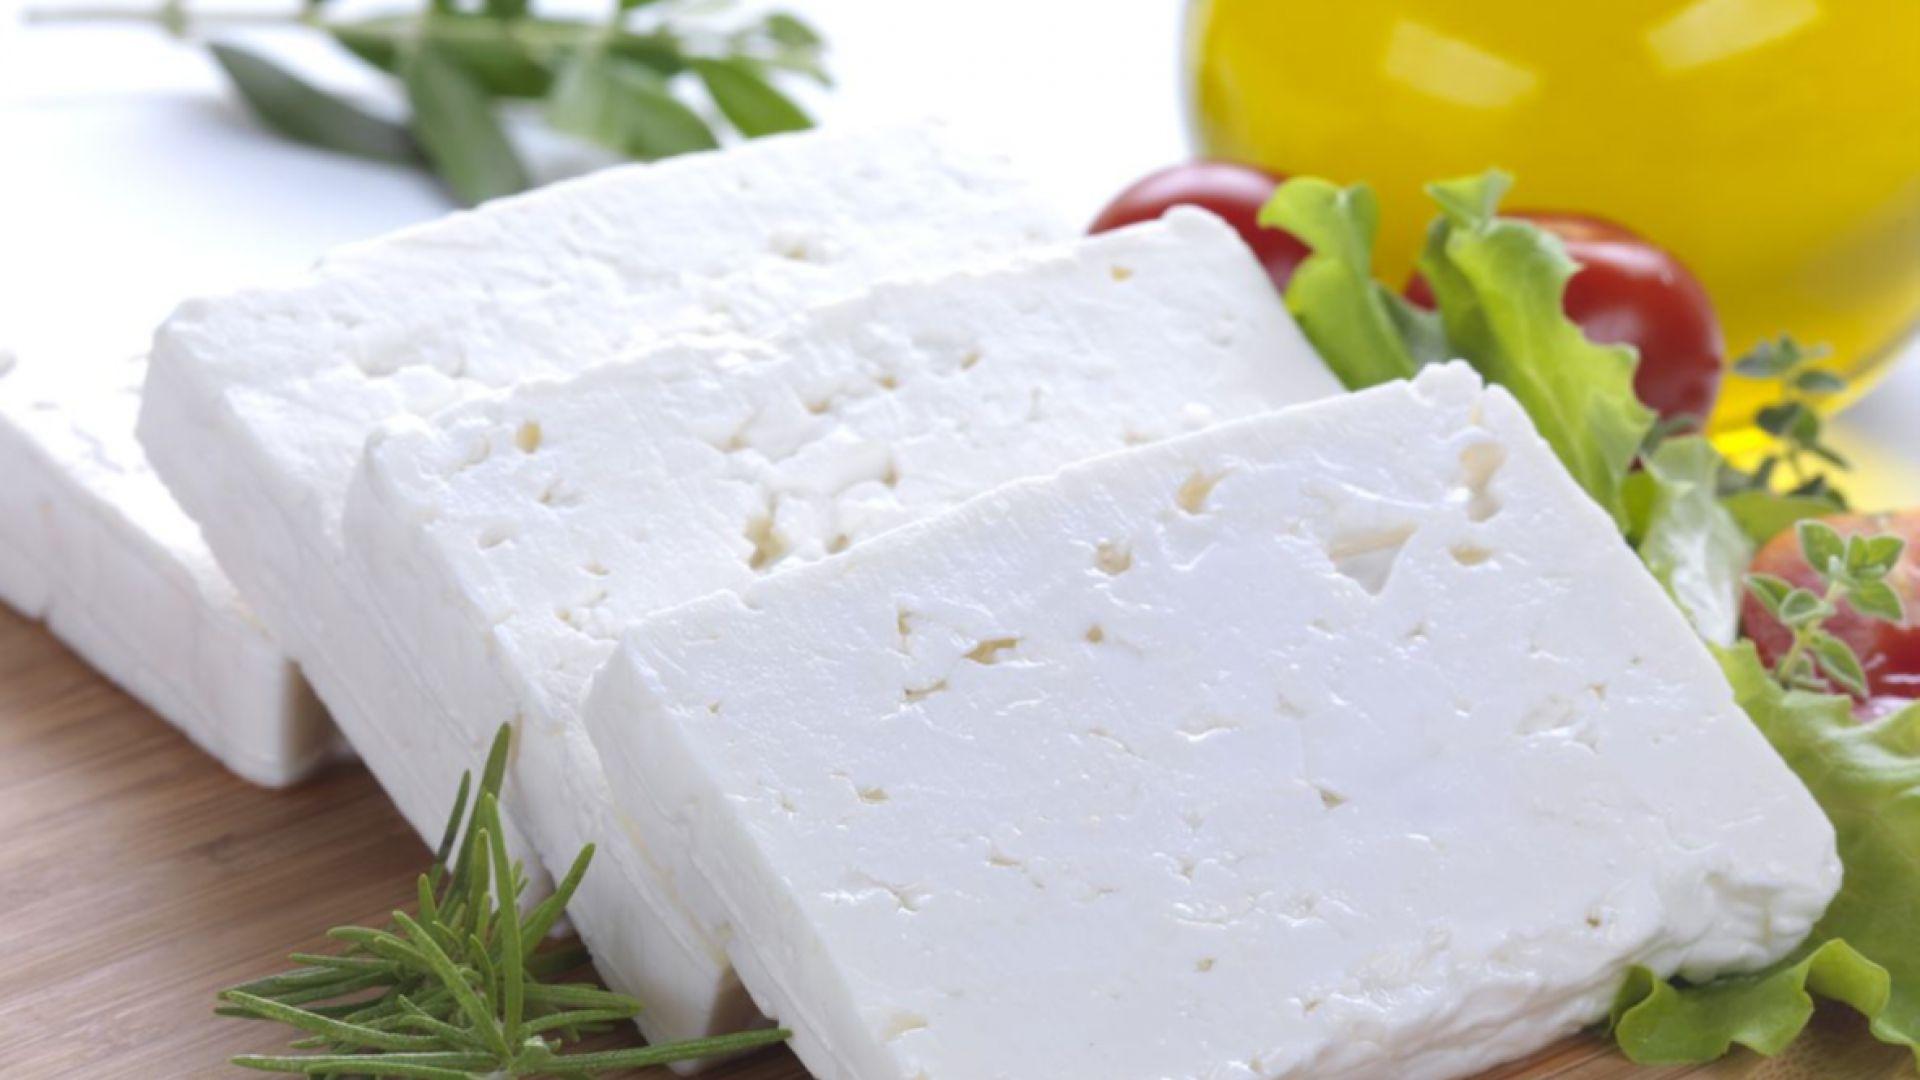 Проверка за наличие на немлечни мазнини в млечните продукти идали